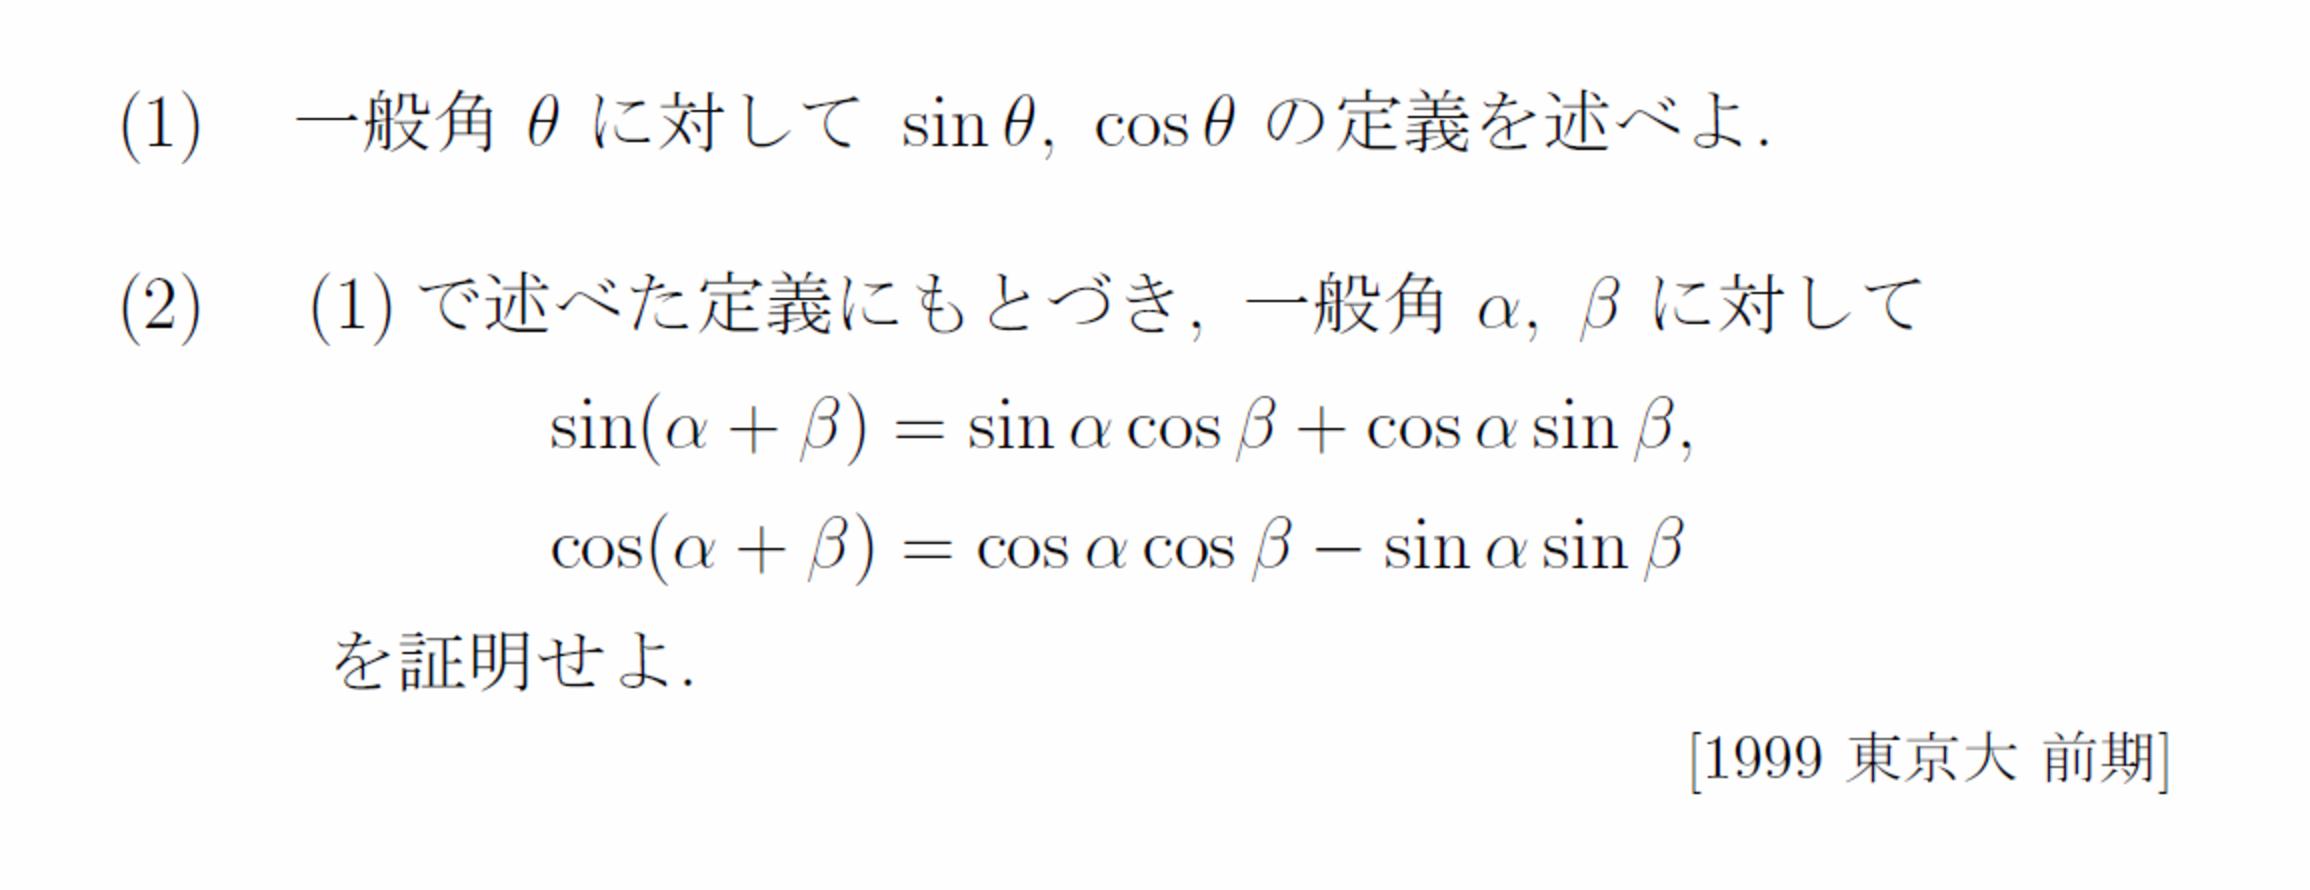 東京大学1999年の加法定理の証明問題